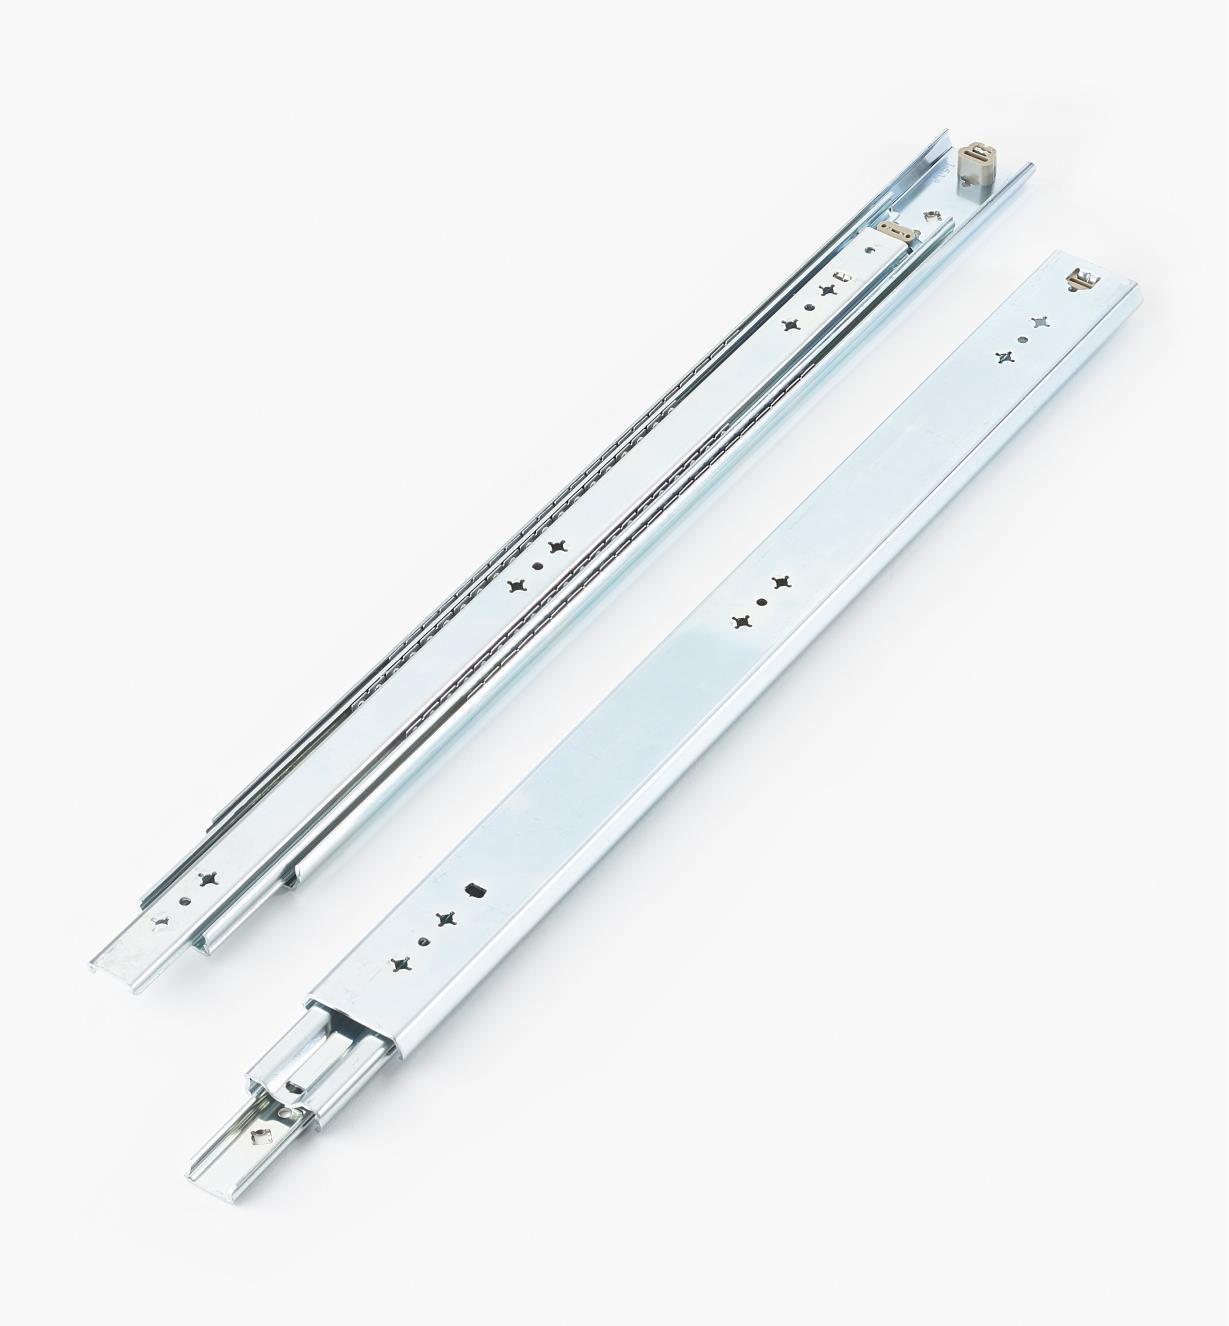 02K3224 - Coulisses de 24po (600mm) à extension complète pour charge de 200lb, la paire